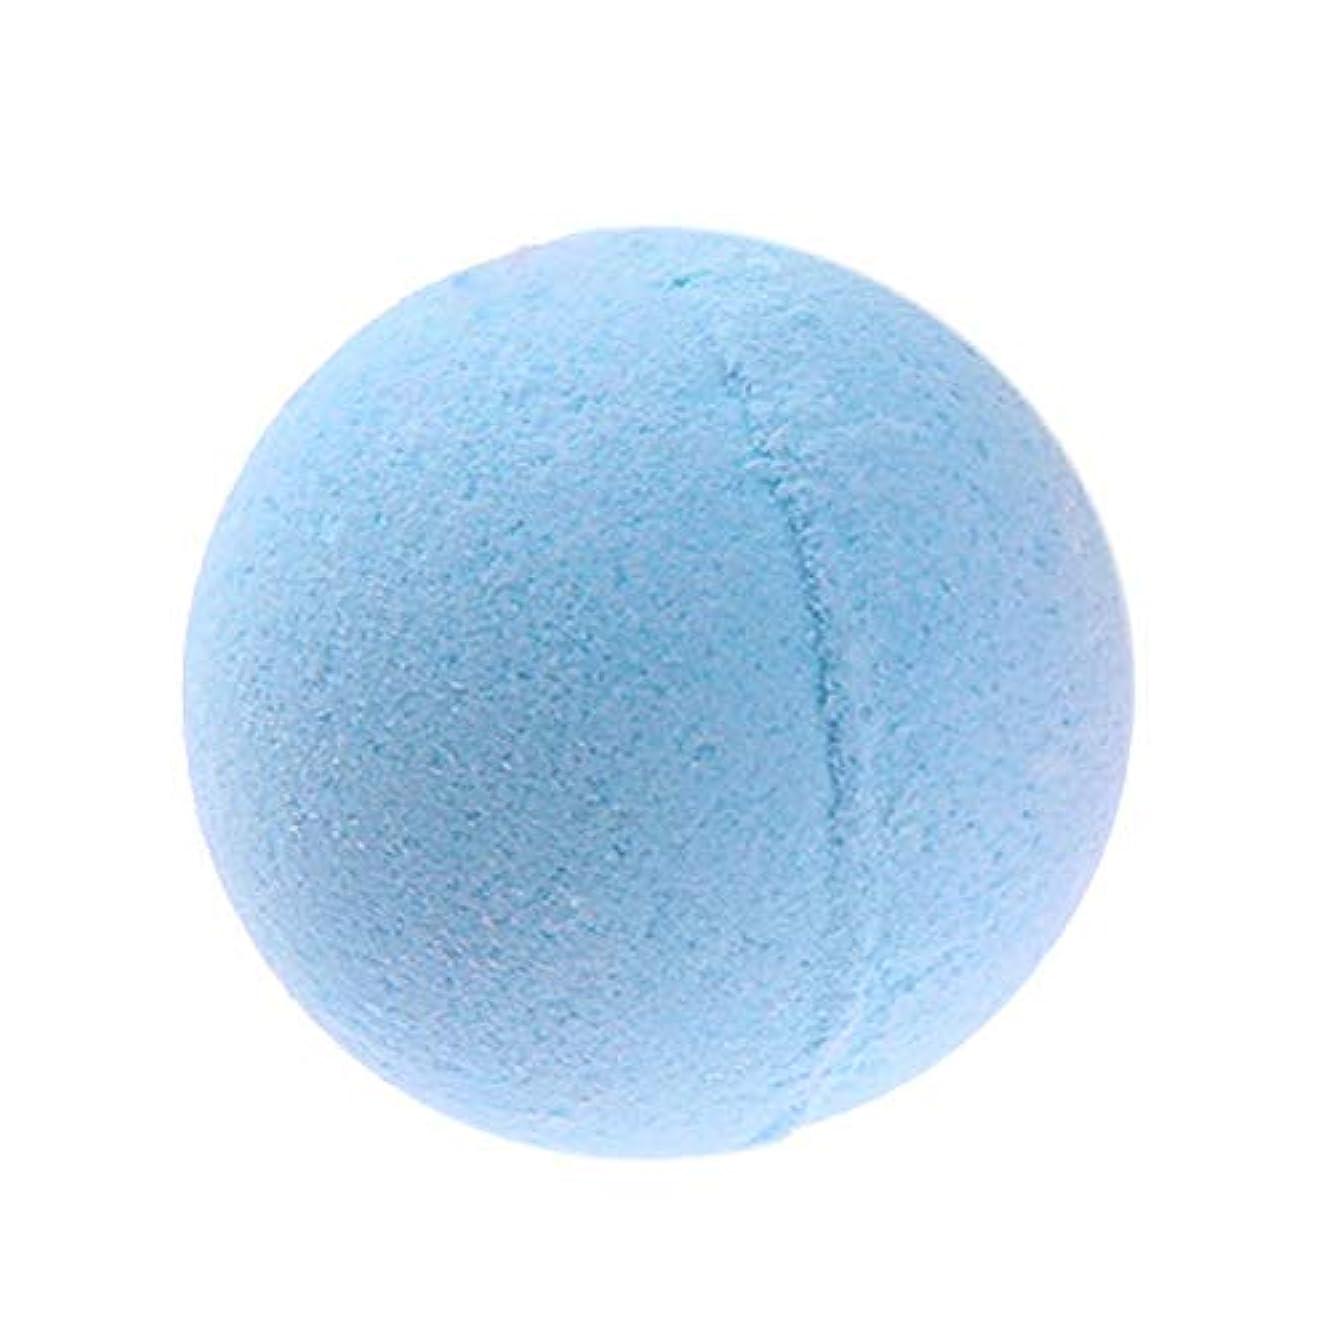 洞察力のある真剣に強化するバスボール ボディスキンホワイトニング バスソルト リラックス ストレスリリーフ バブルシャワー 爆弾ボール 1pc Lushandy